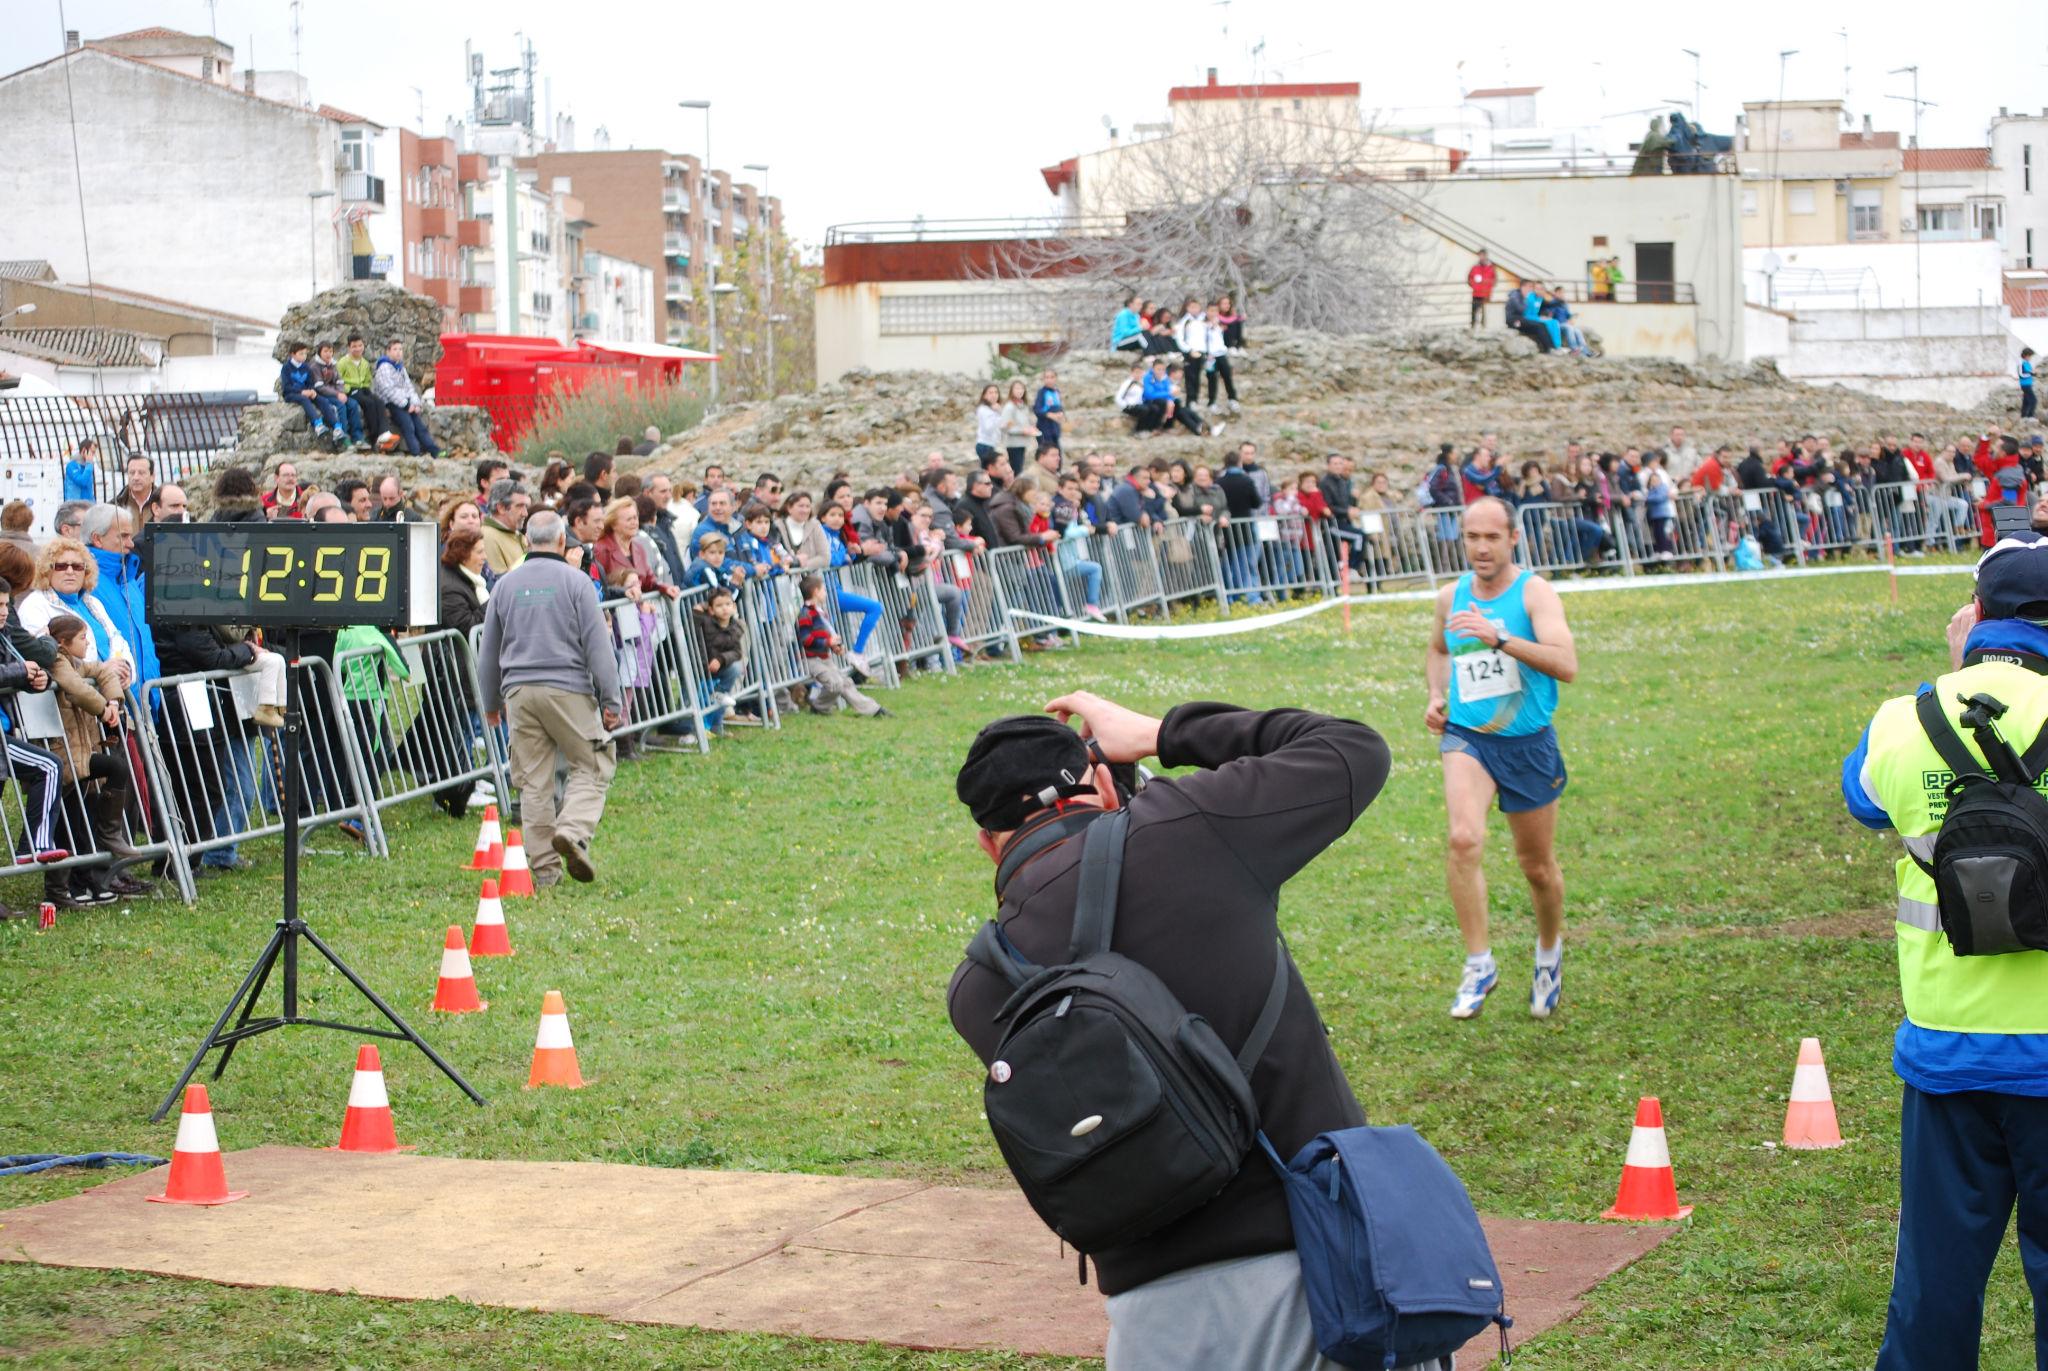 El Club de Atletismo de Olivenza se proclama campeón de Extremadura en campo a través